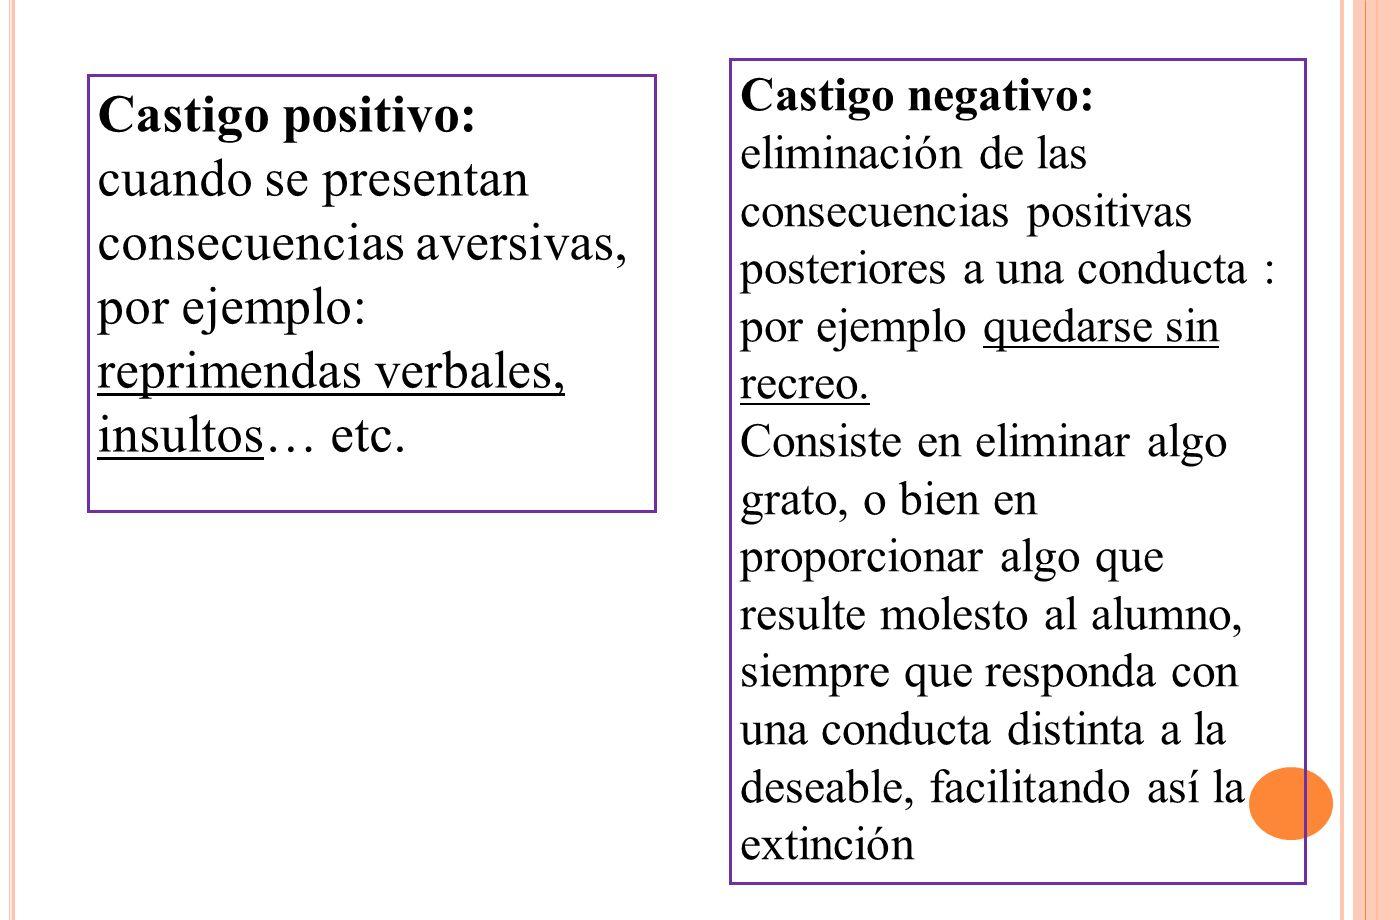 Castigo negativo: eliminación de las consecuencias positivas posteriores a una conducta : por ejemplo quedarse sin recreo.